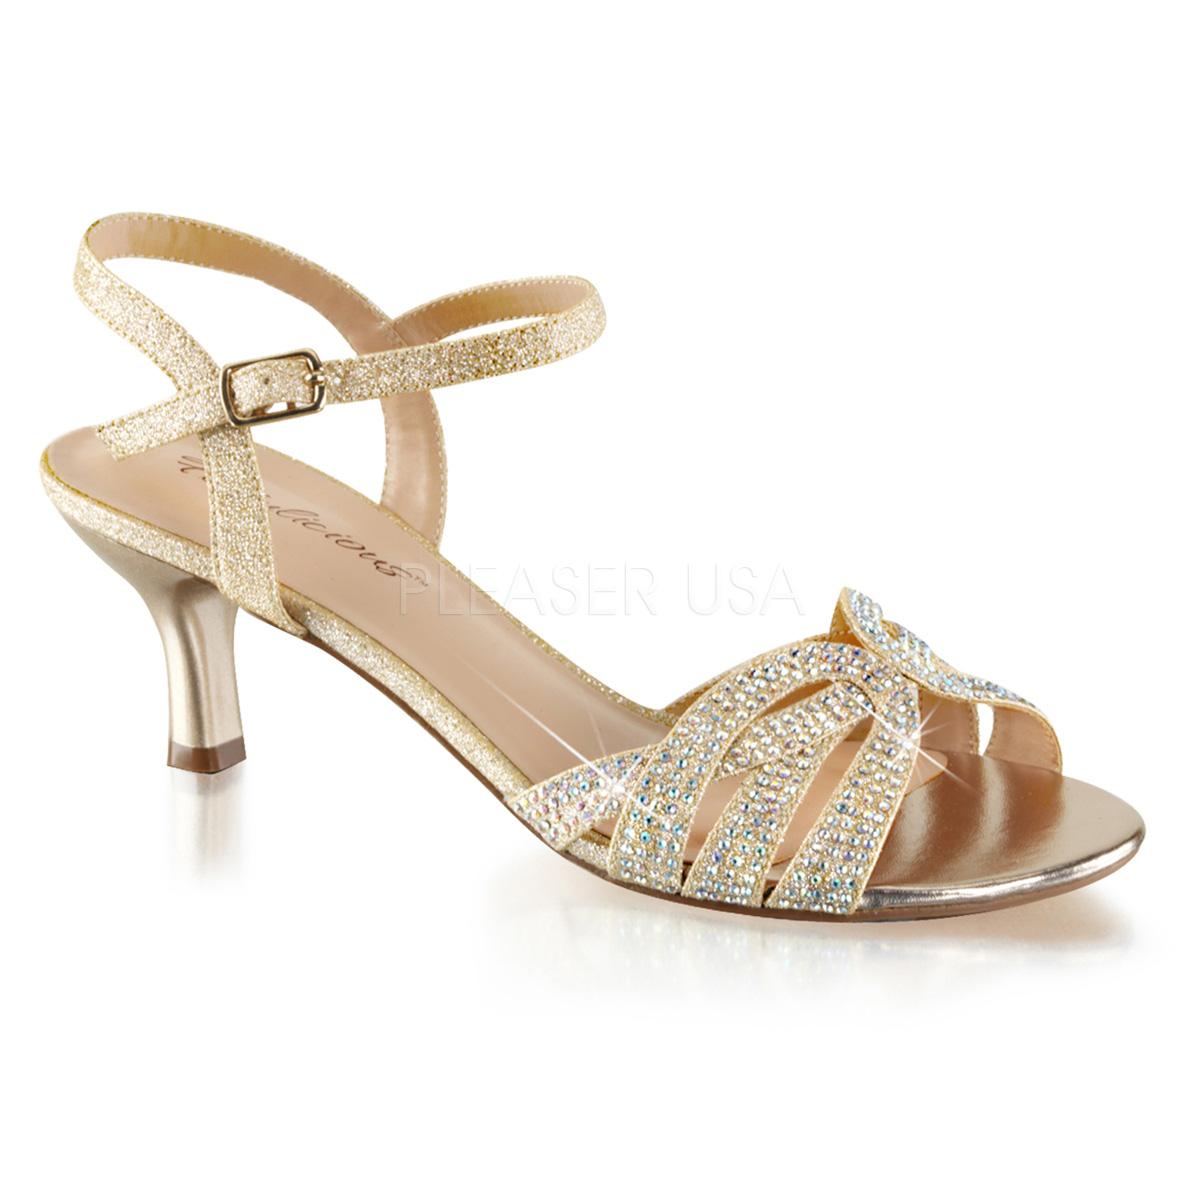 quelles chaussures choisir pour son mariage le blog des hauts talons. Black Bedroom Furniture Sets. Home Design Ideas